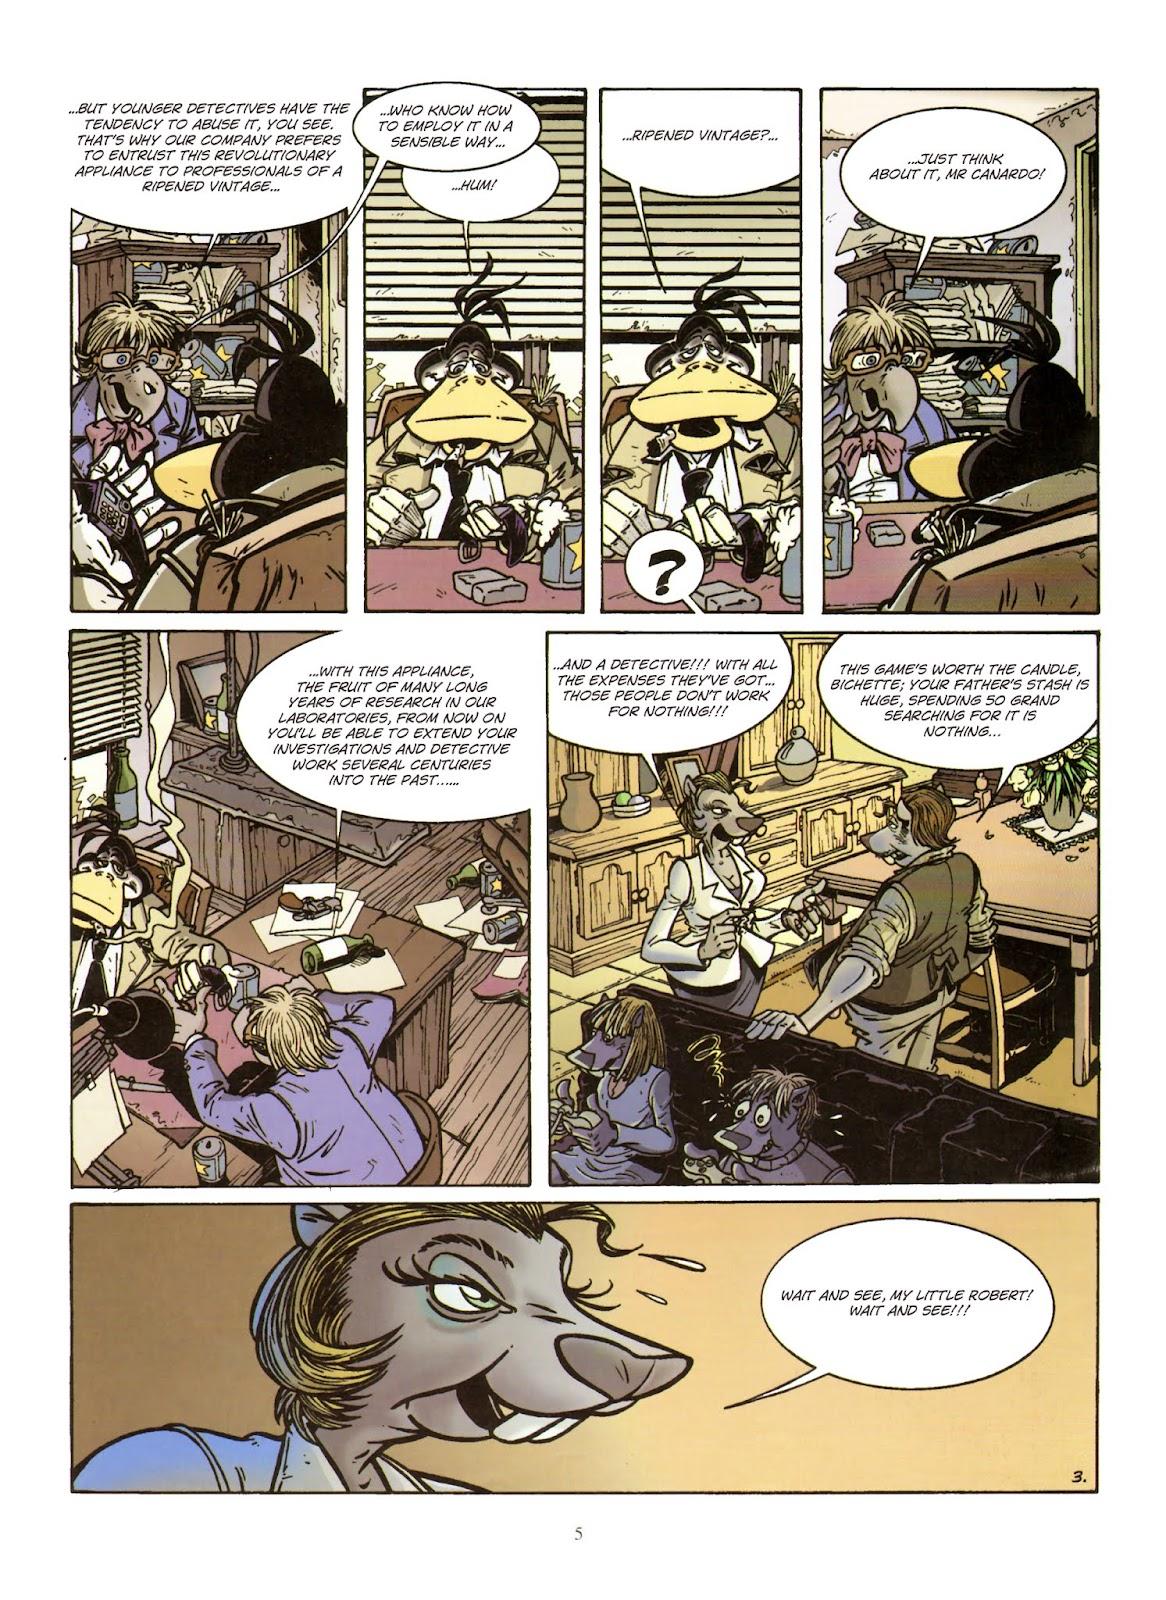 Une enquête de l'inspecteur Canardo issue 11 - Page 6